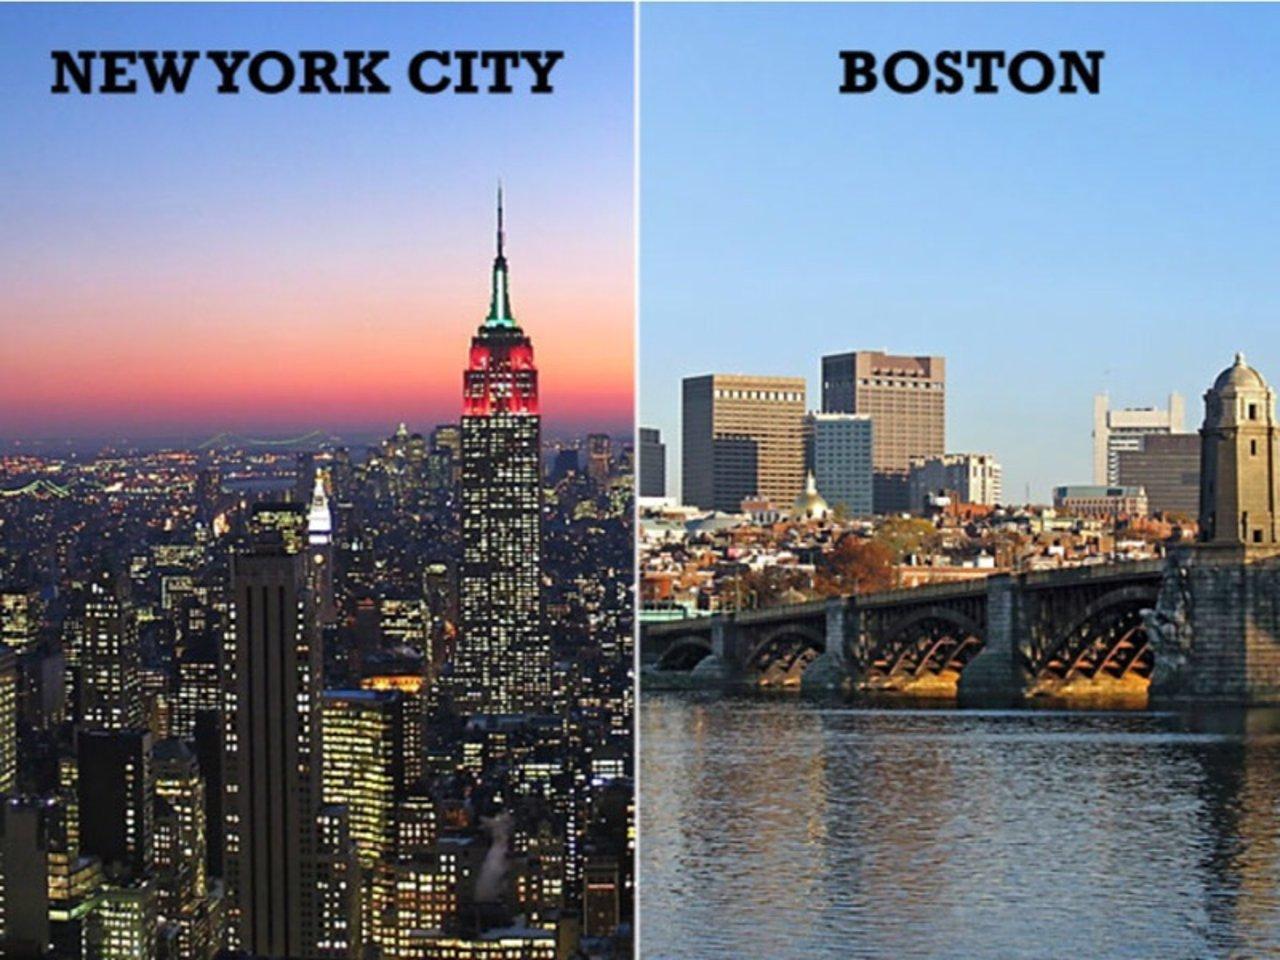 在这个汽车上的国家,我是怎么从纽约去的波士顿